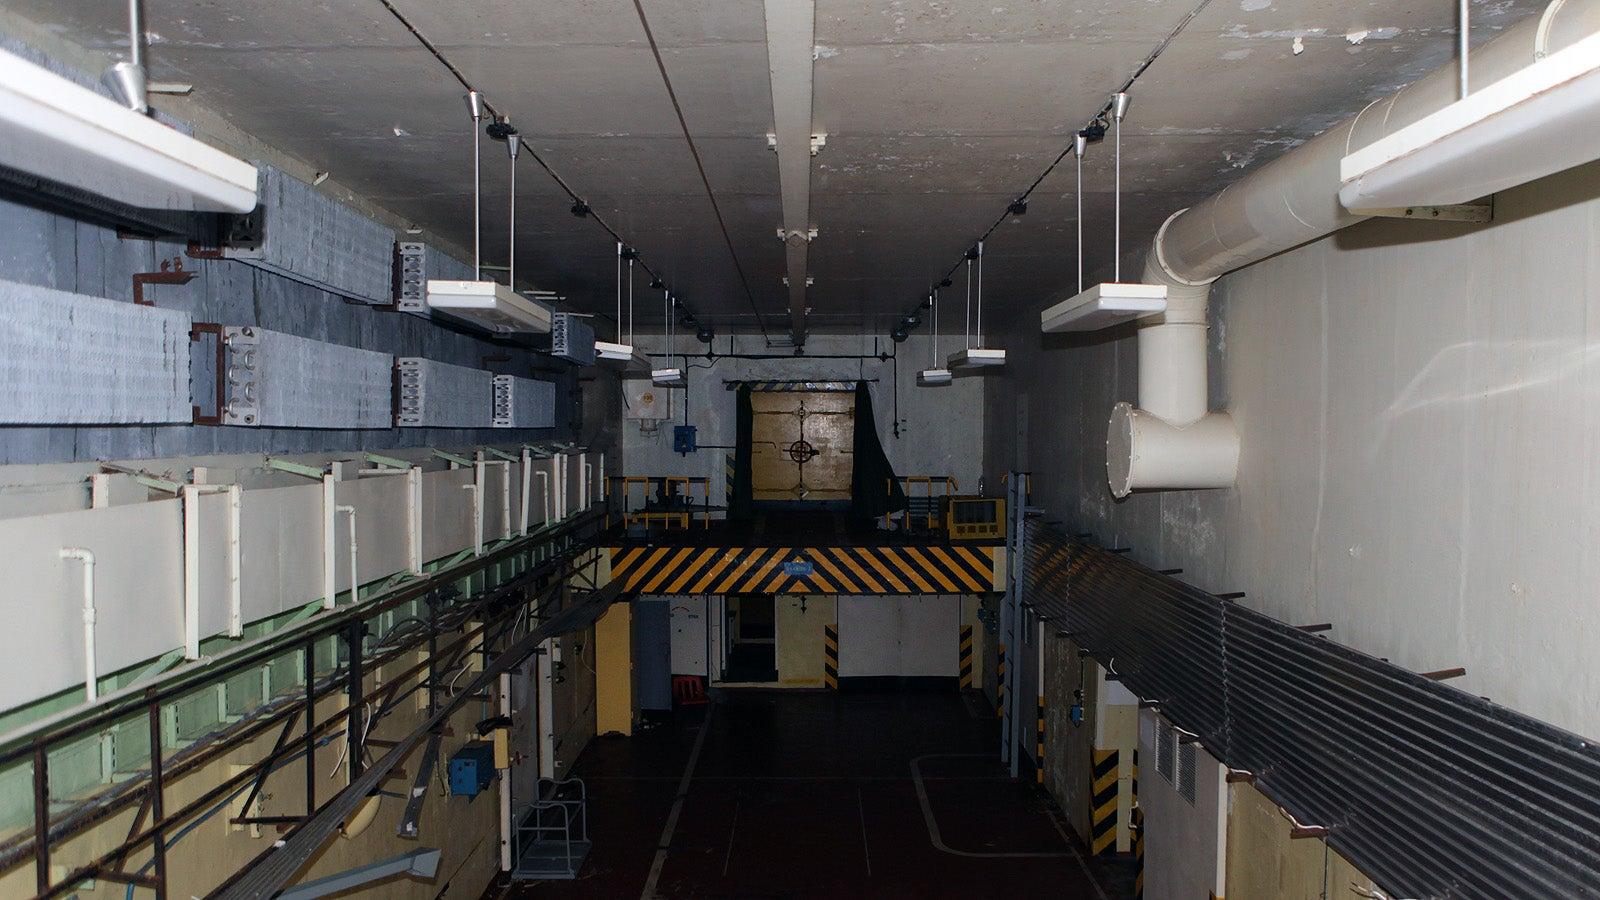 Inside The Bunker Where Soviets Kept Their Secret Stash Of